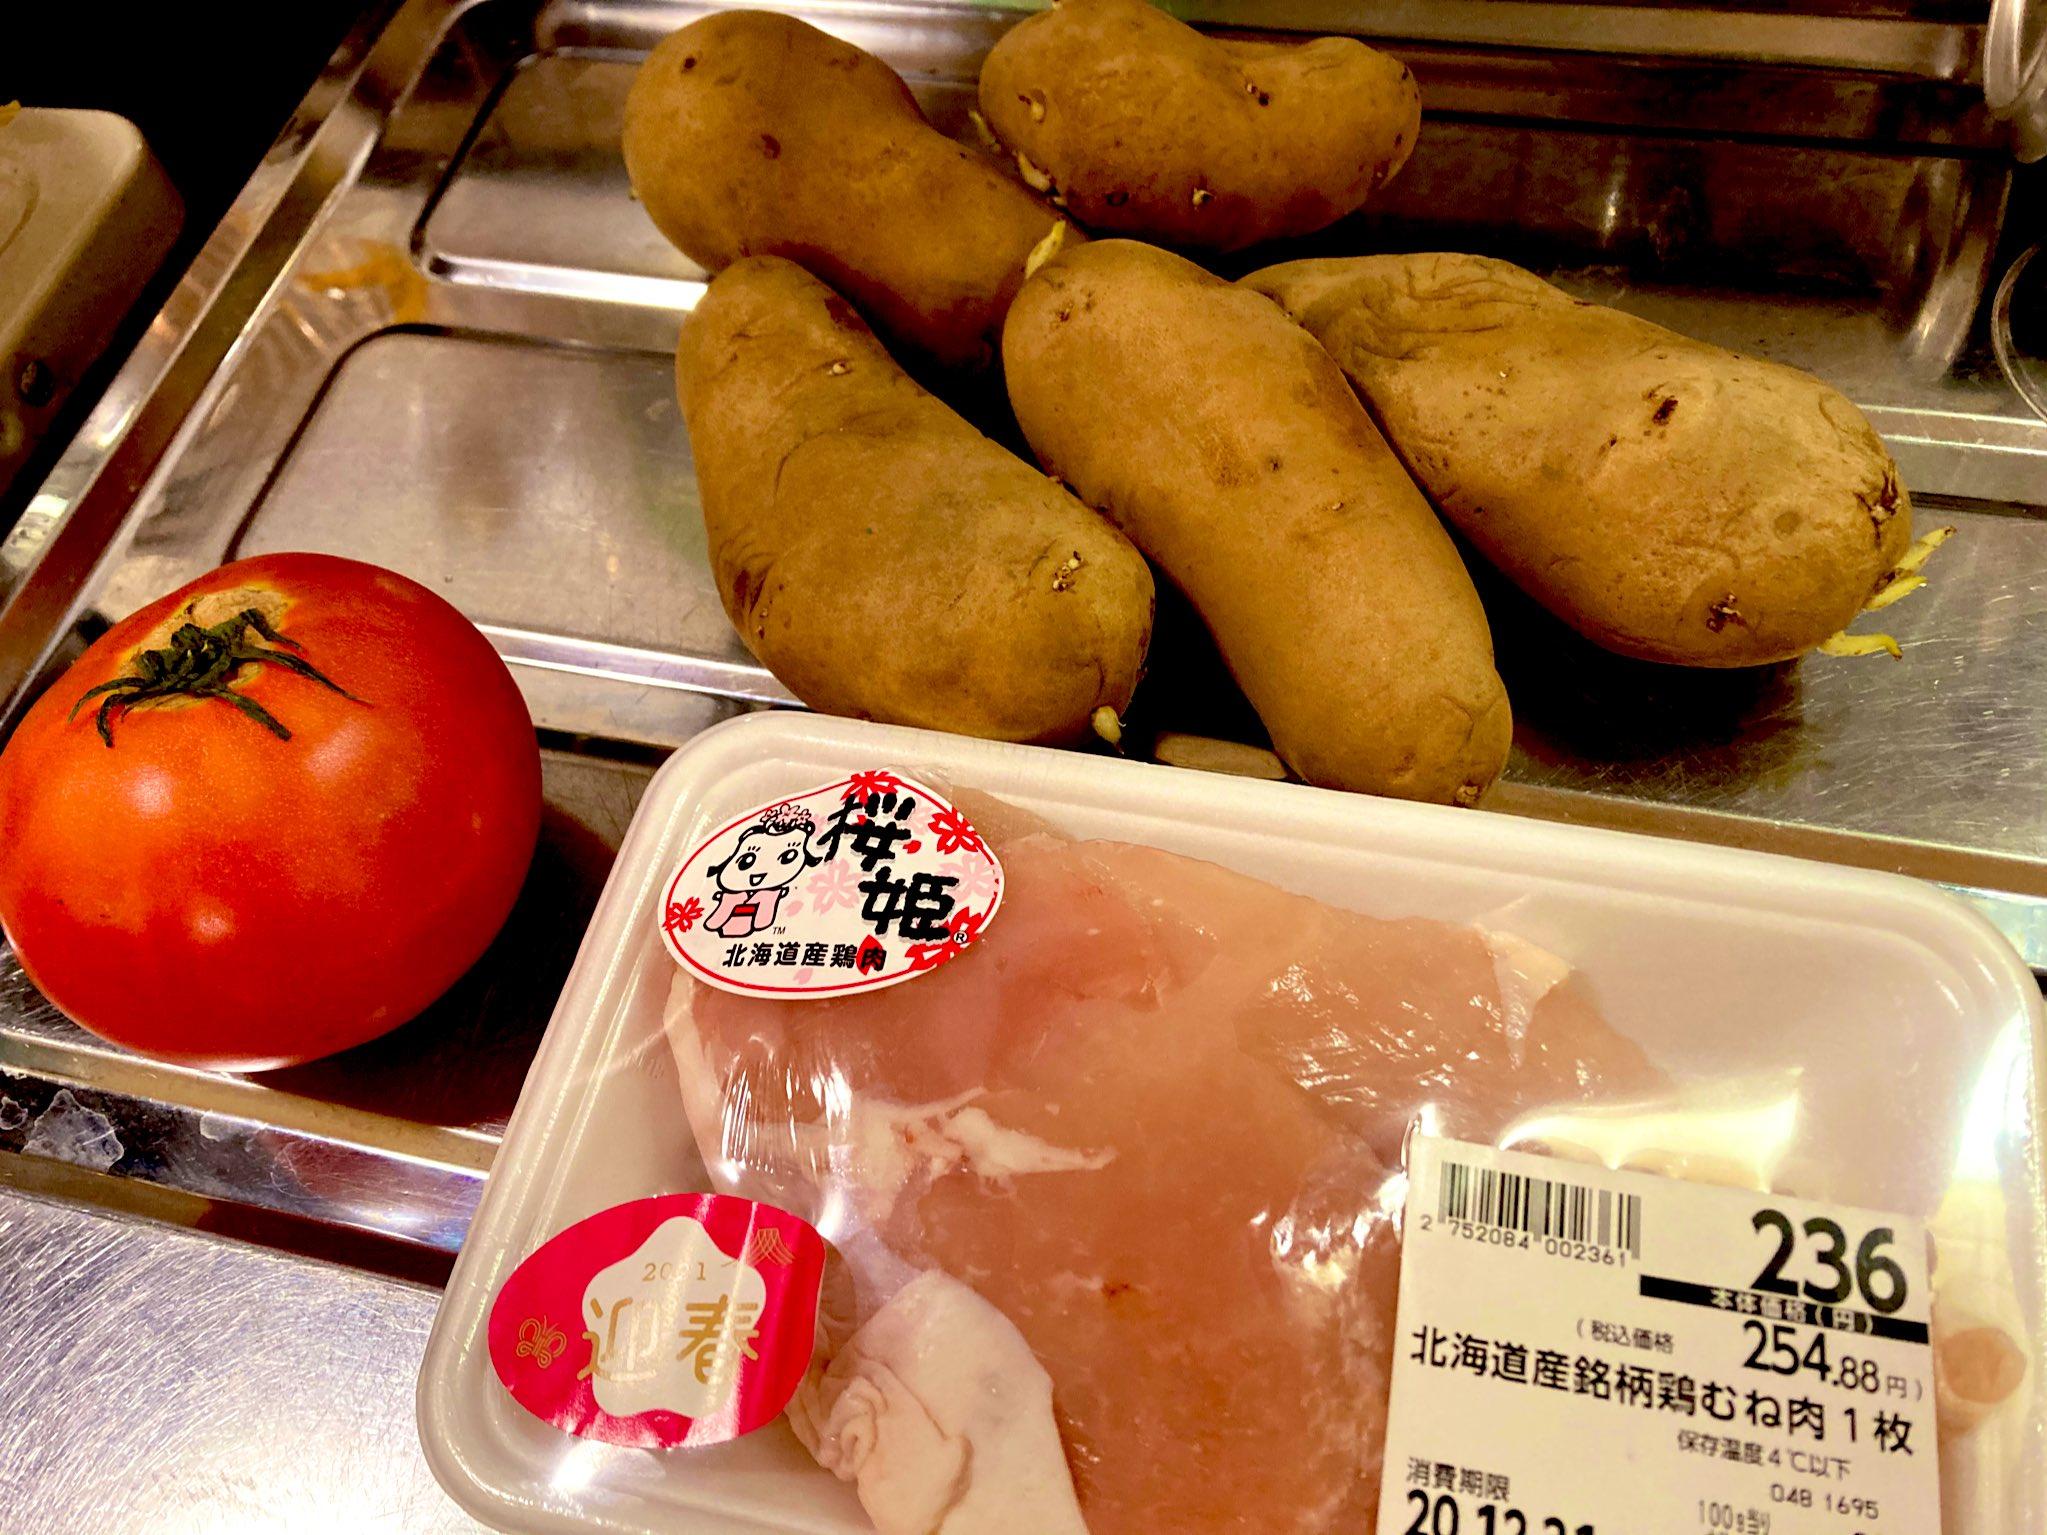 メインの材料はお芋・鶏肉・トマト